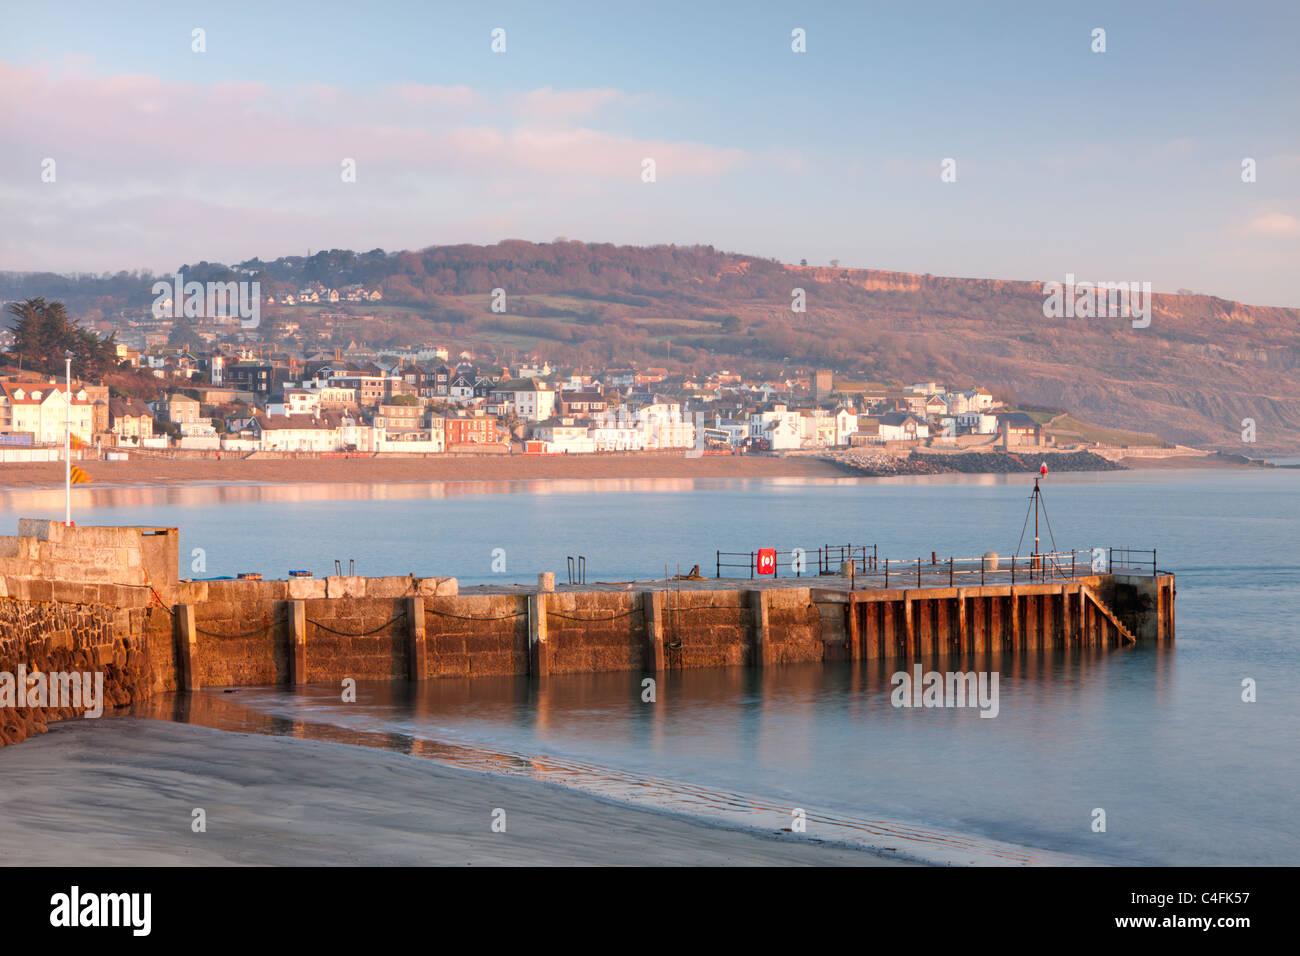 Quai de pierre et Lyme Regis ville vue de la Cobb, Lyme Regis, dans le Dorset, Angleterre. Hiver (décembre) 2010. Banque D'Images